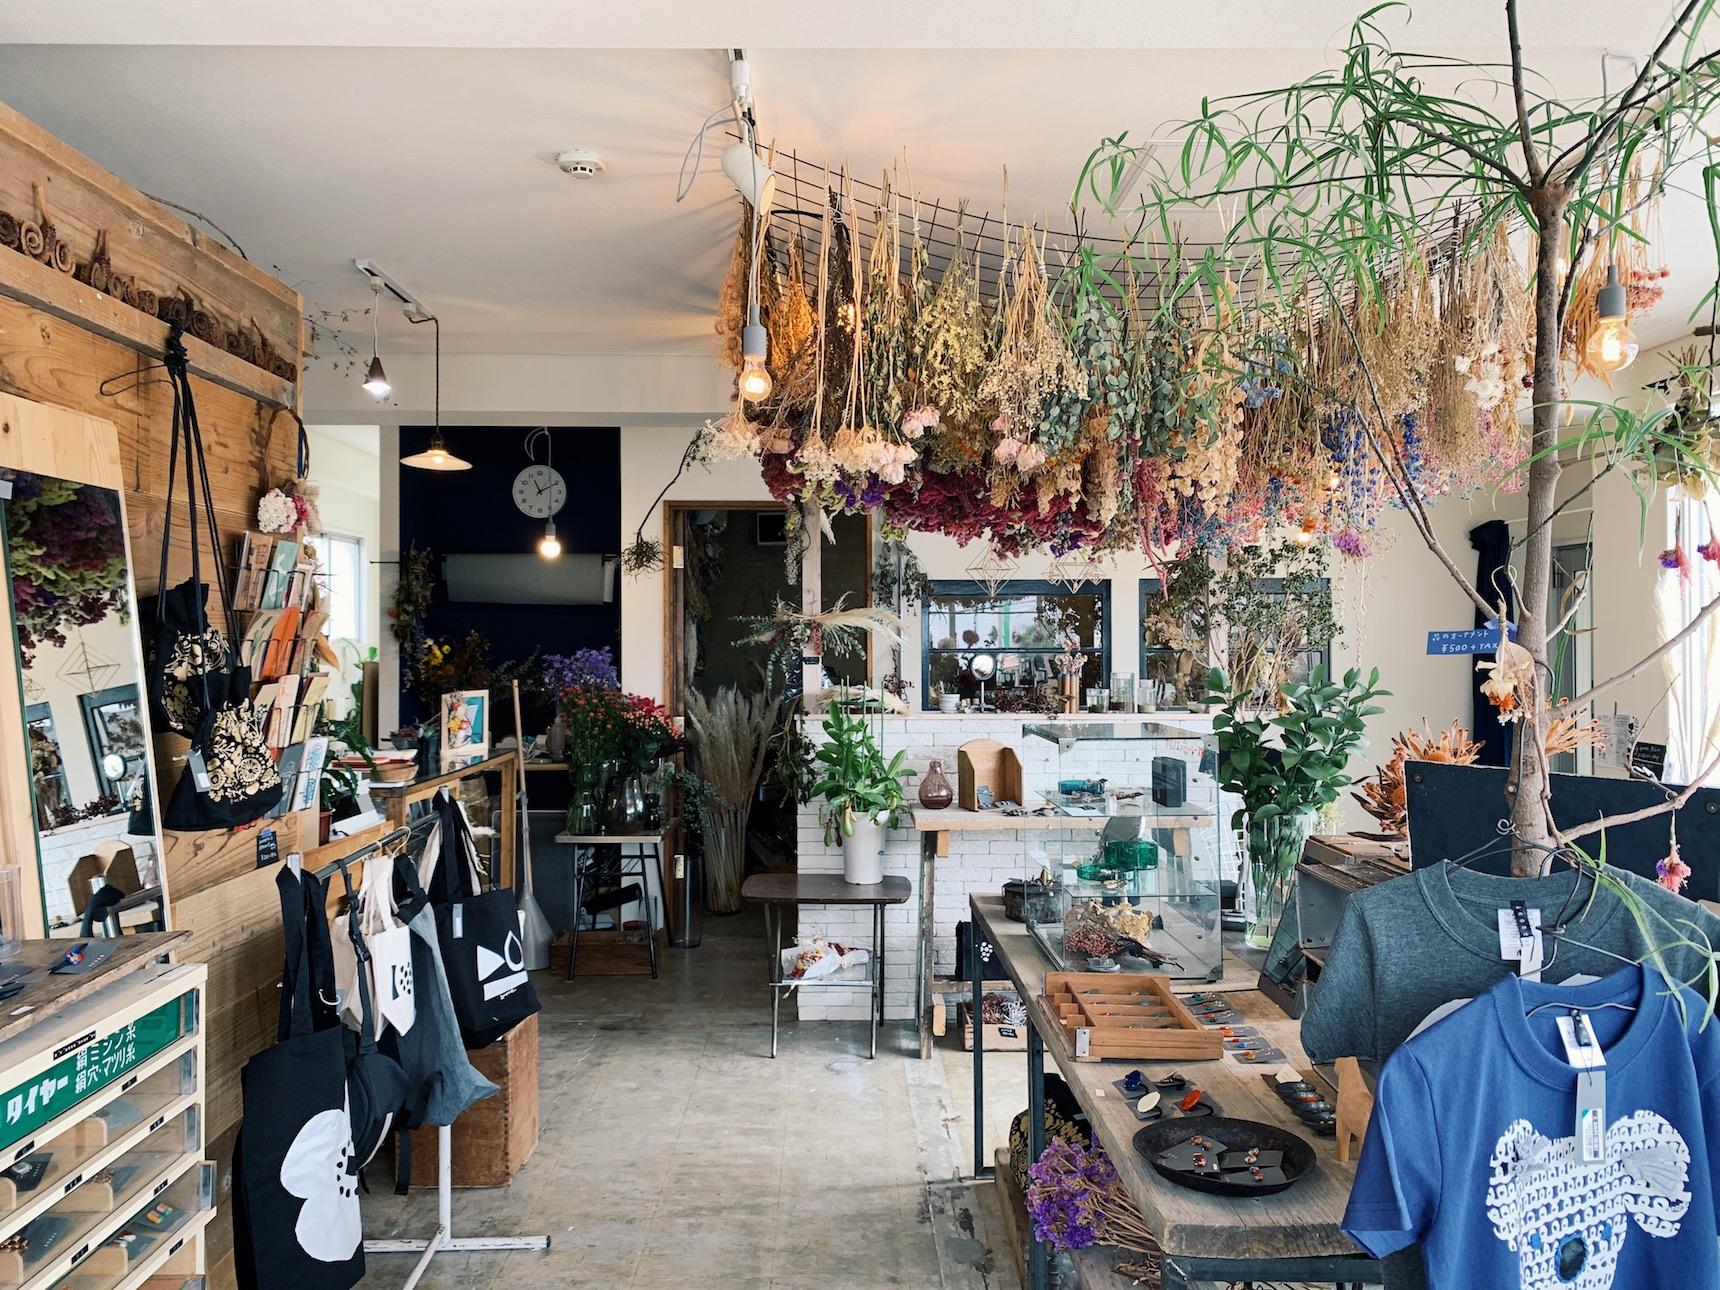 お花だけでなく、おしゃれな雑貨、衣料品も扱います。行きつけのお店にしたい。